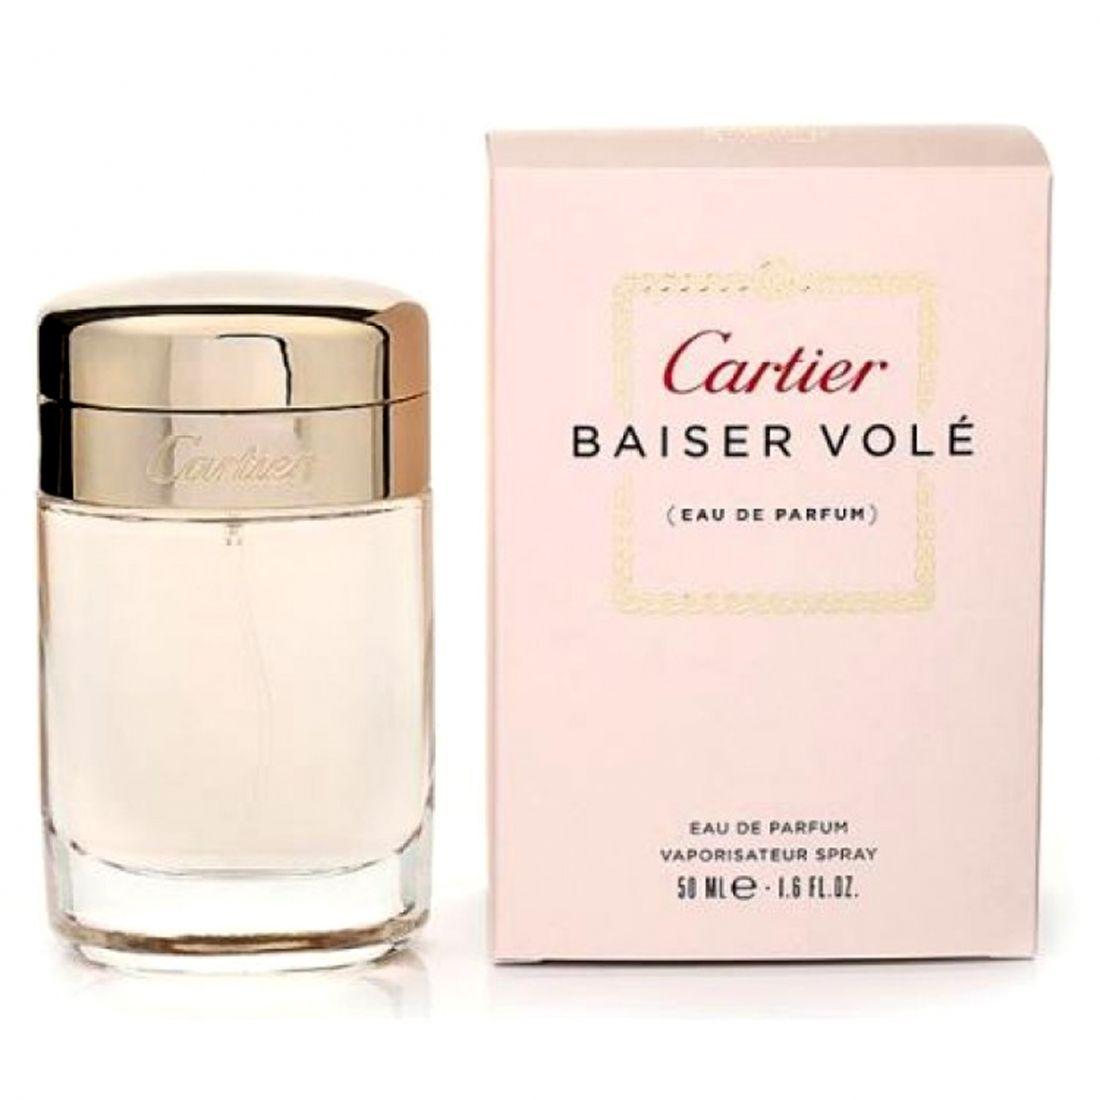 Cartier - Baiser Vole Edp, 50 ml